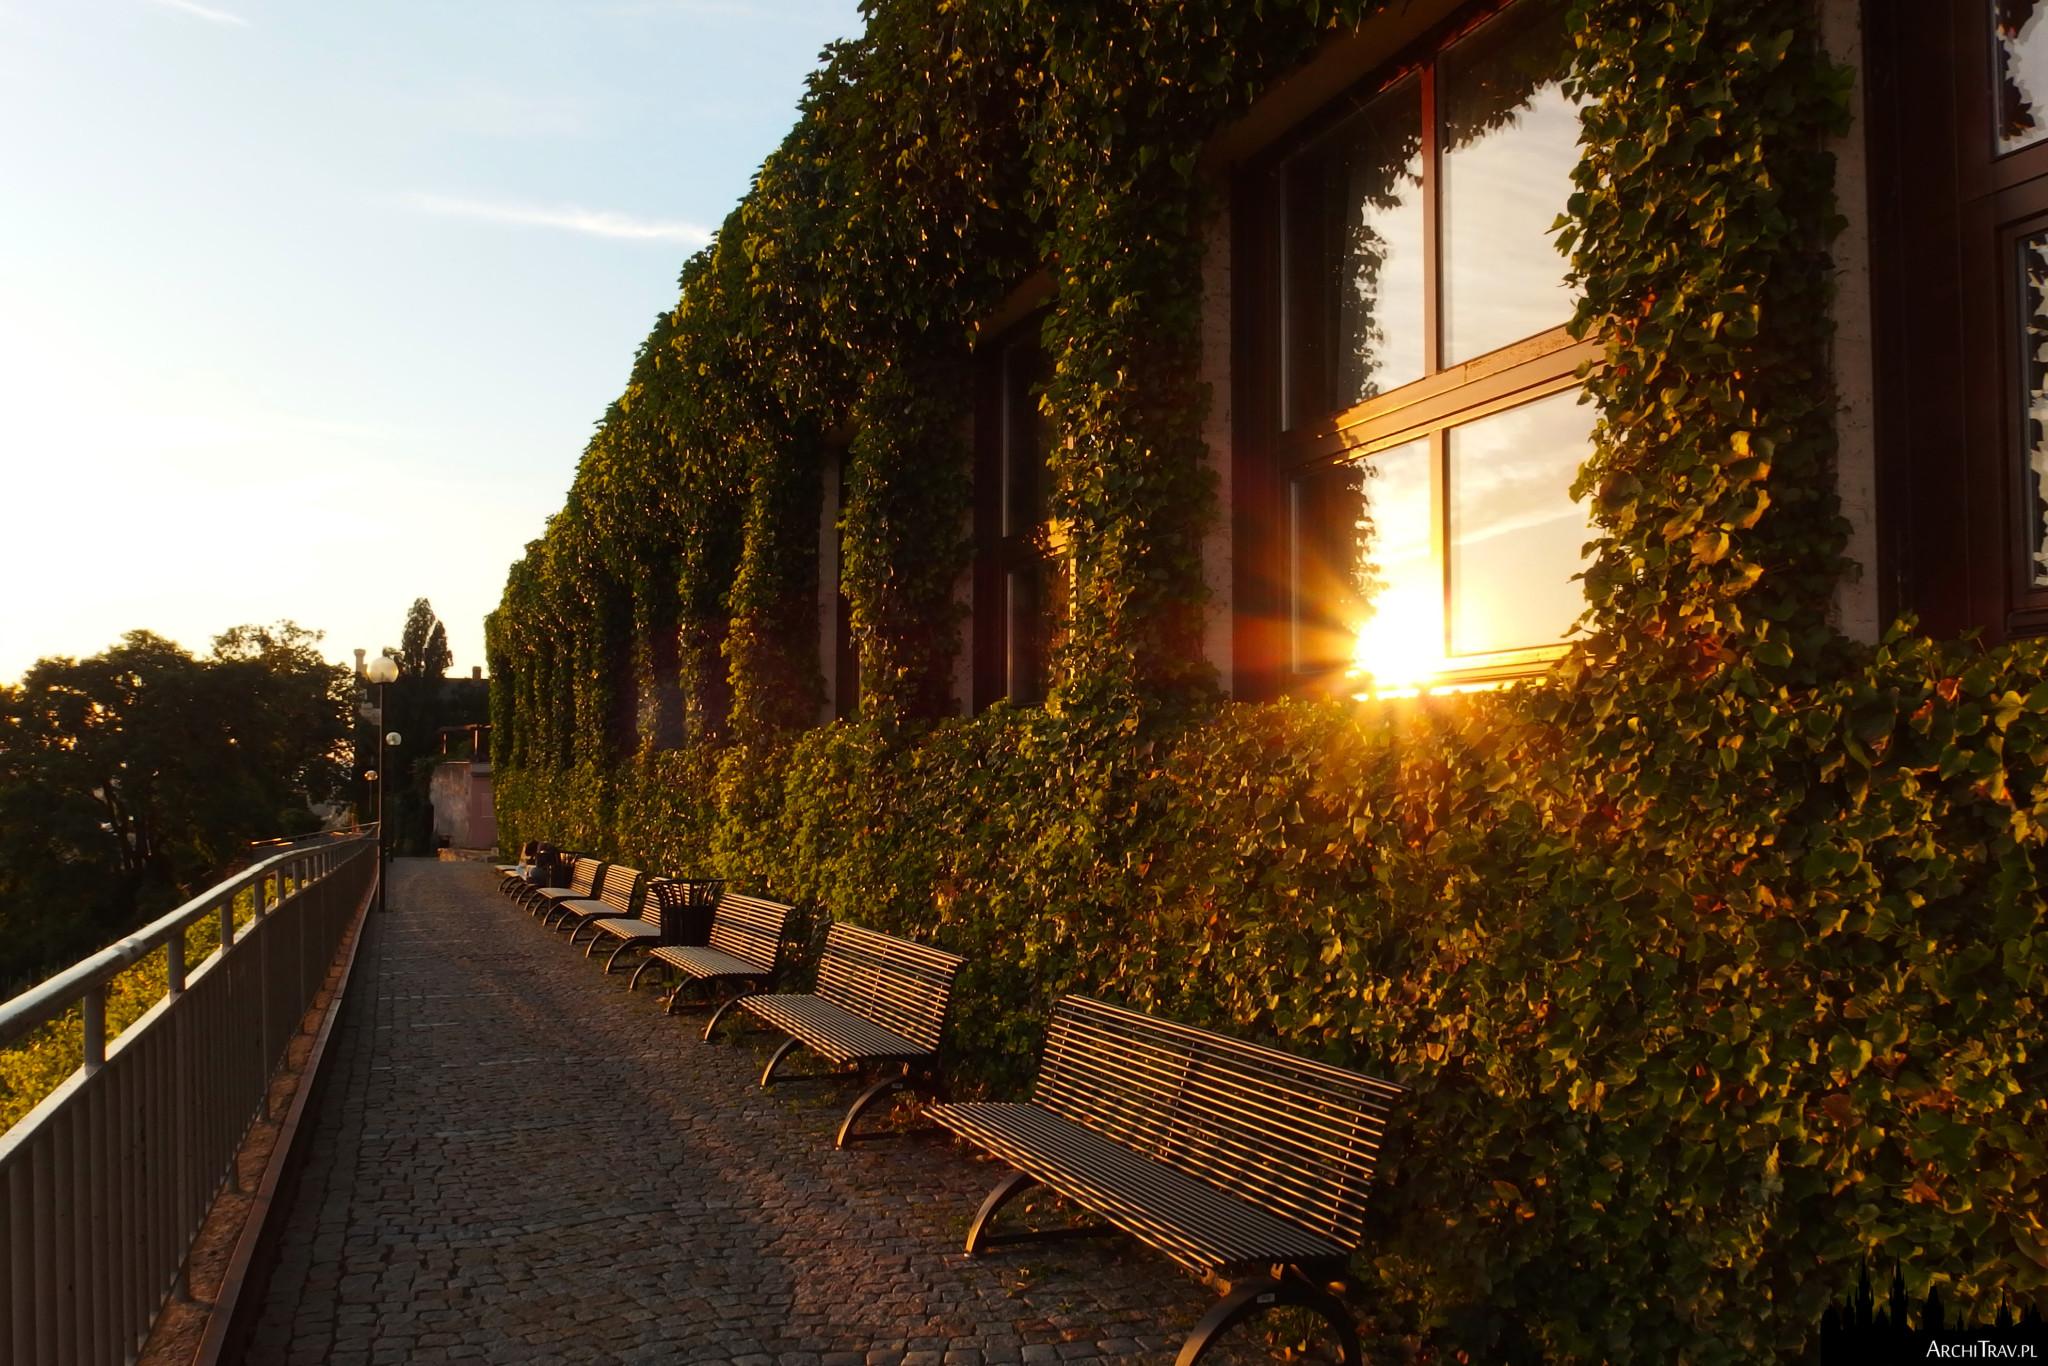 pasażyk z ławkami i budynkiem obrośniętym bluszczem przy zachodzie słońca bez żadnych ludzi